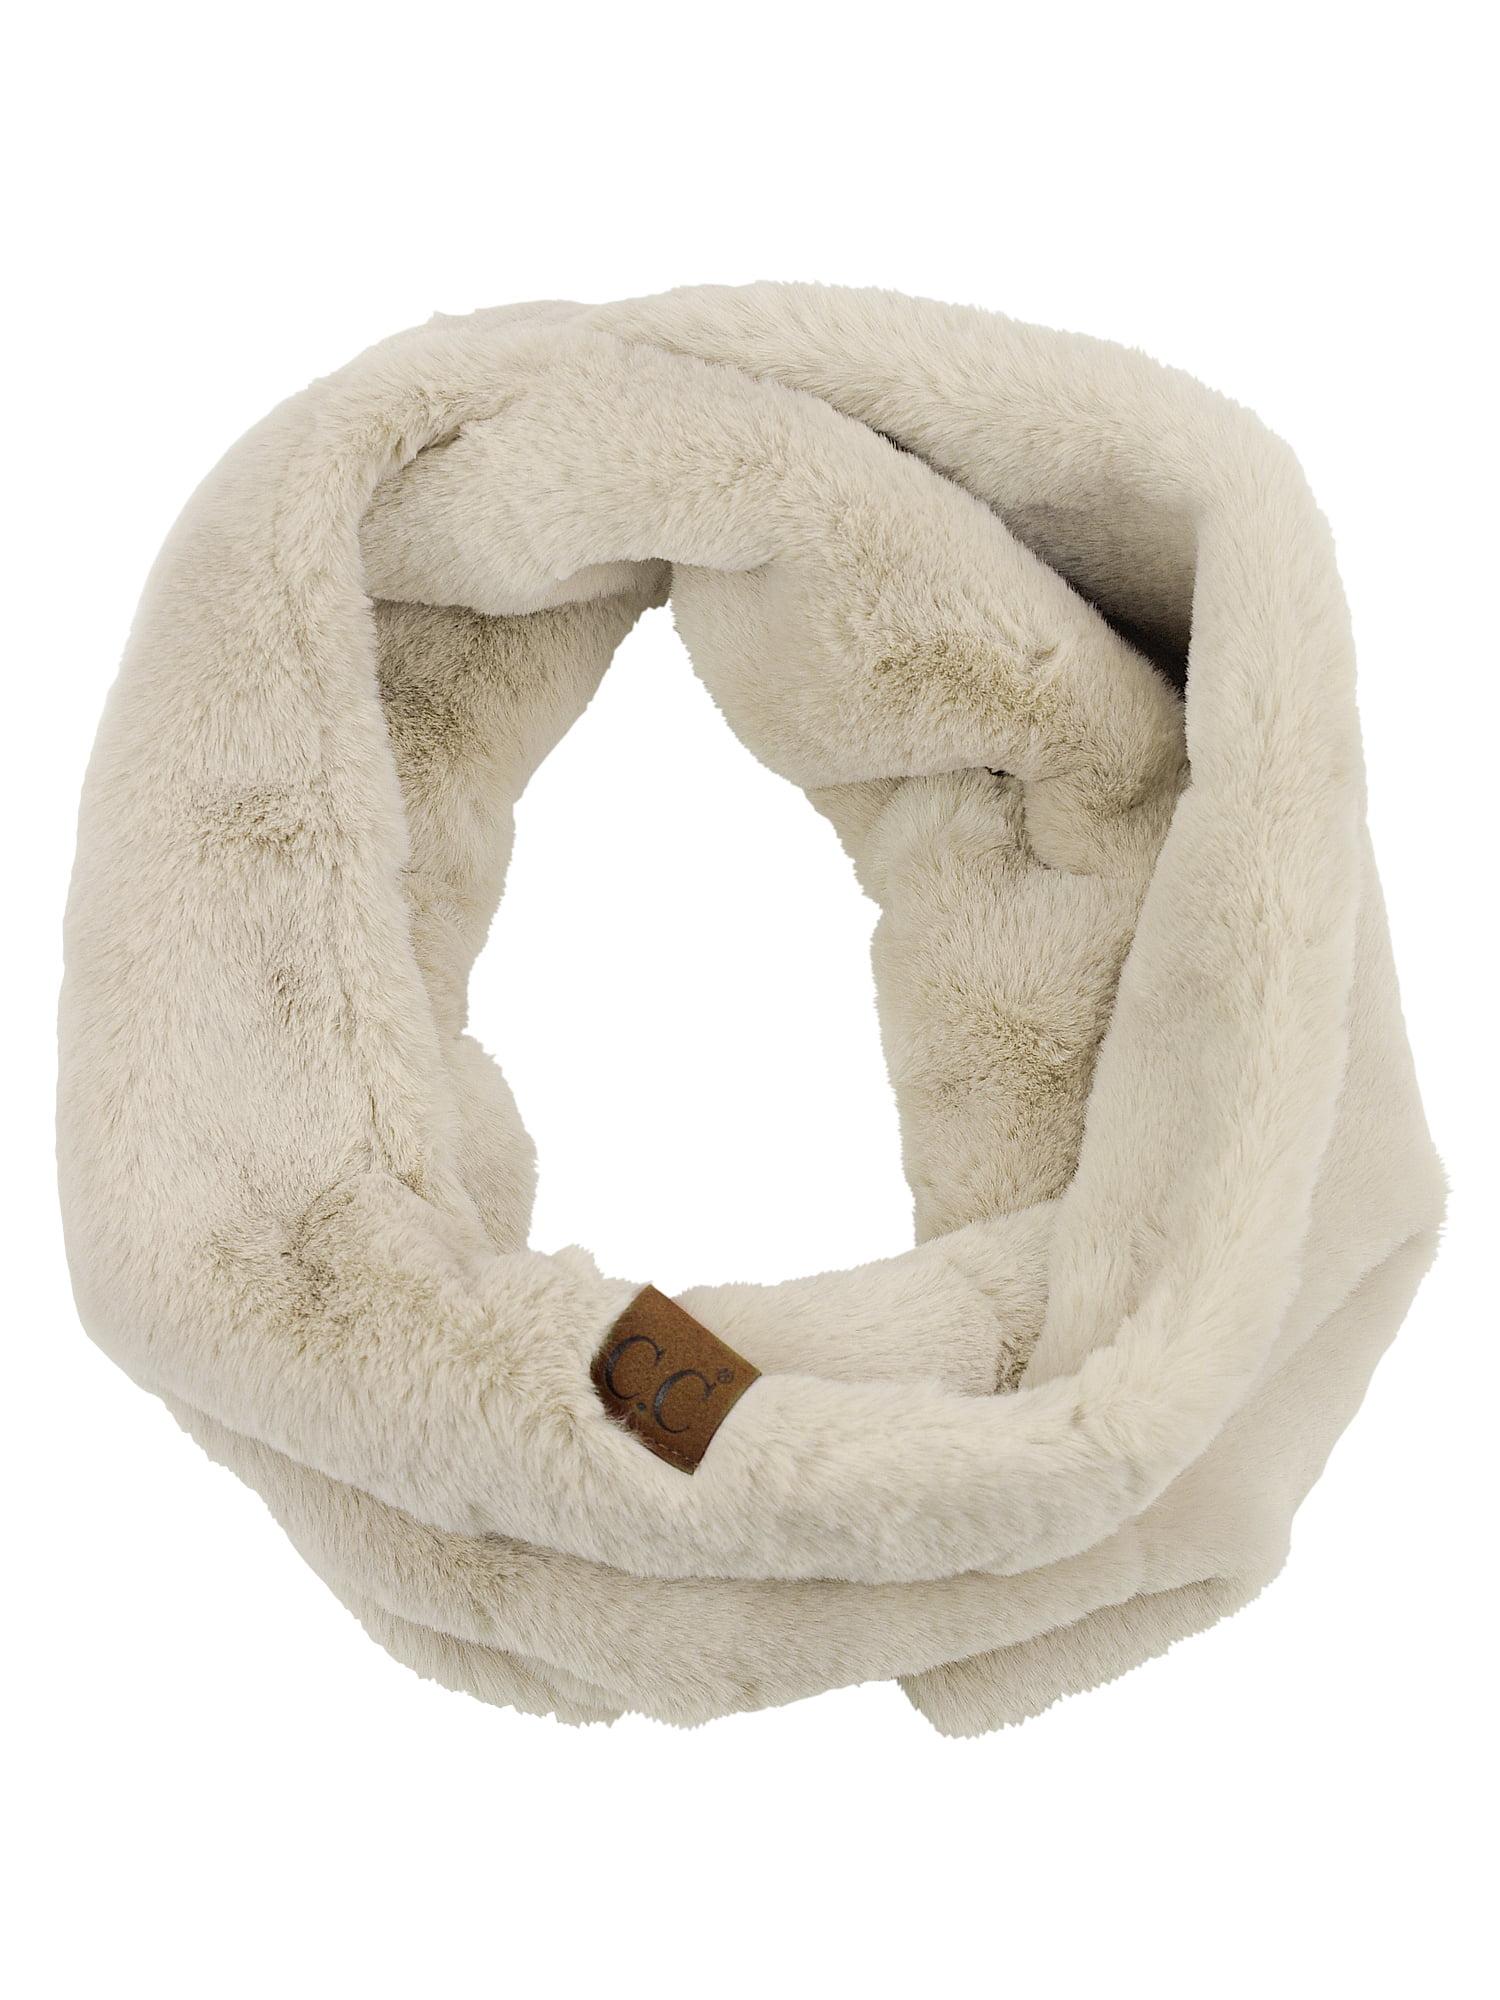 C.C Women's Soft Faux Fur Feel Neck Warmer Collar Infinity Scarf, Beige